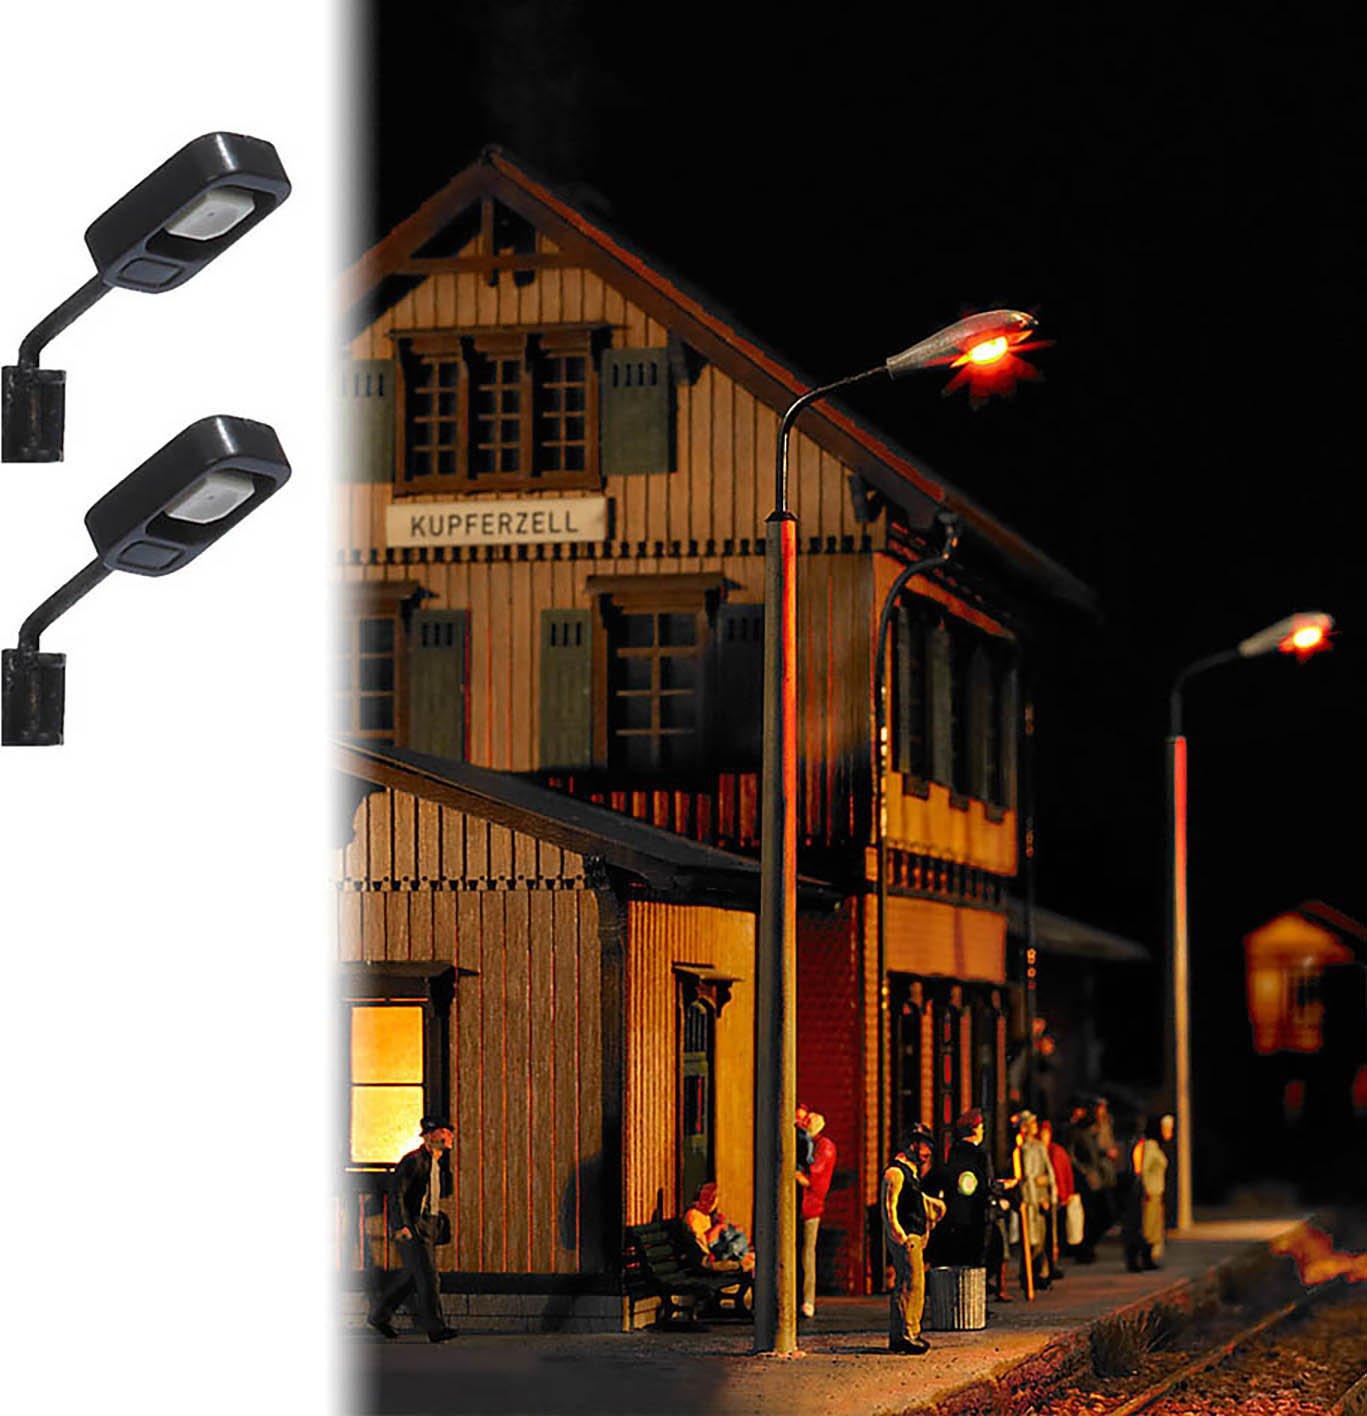 新素材新作 Busch ブッシュ B0051Z3U4C 1/87 4132 H0 1/87 電灯/ランプ アクセサリー ブッシュ、パーツ B0051Z3U4C, アクオリー:40e2d188 --- a0267596.xsph.ru